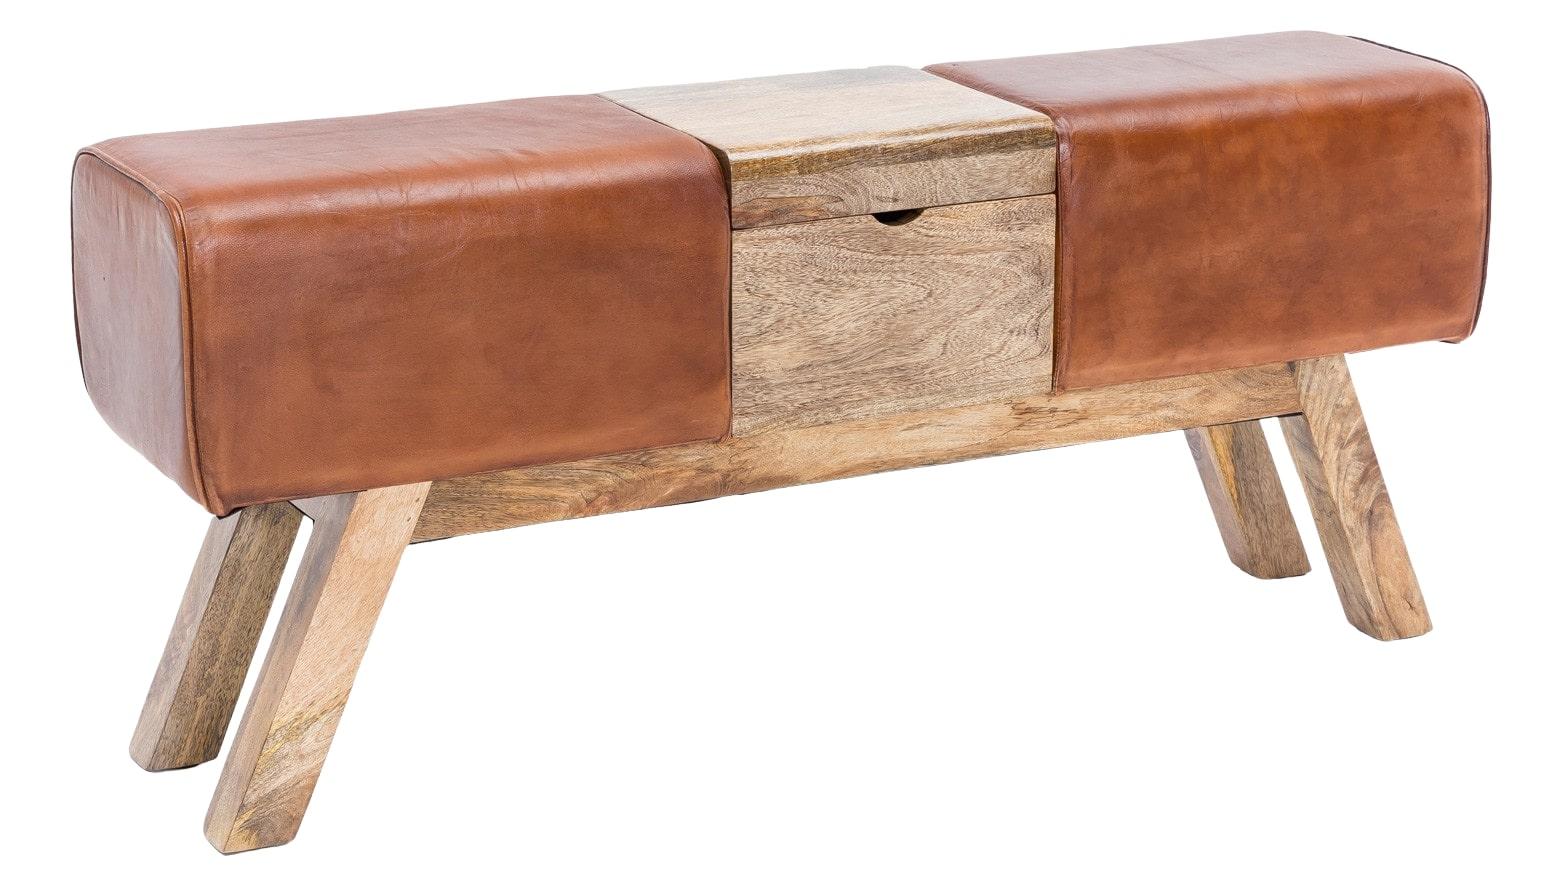 Kožená lavice s dřevěným boxem, 120 cm, hnědá